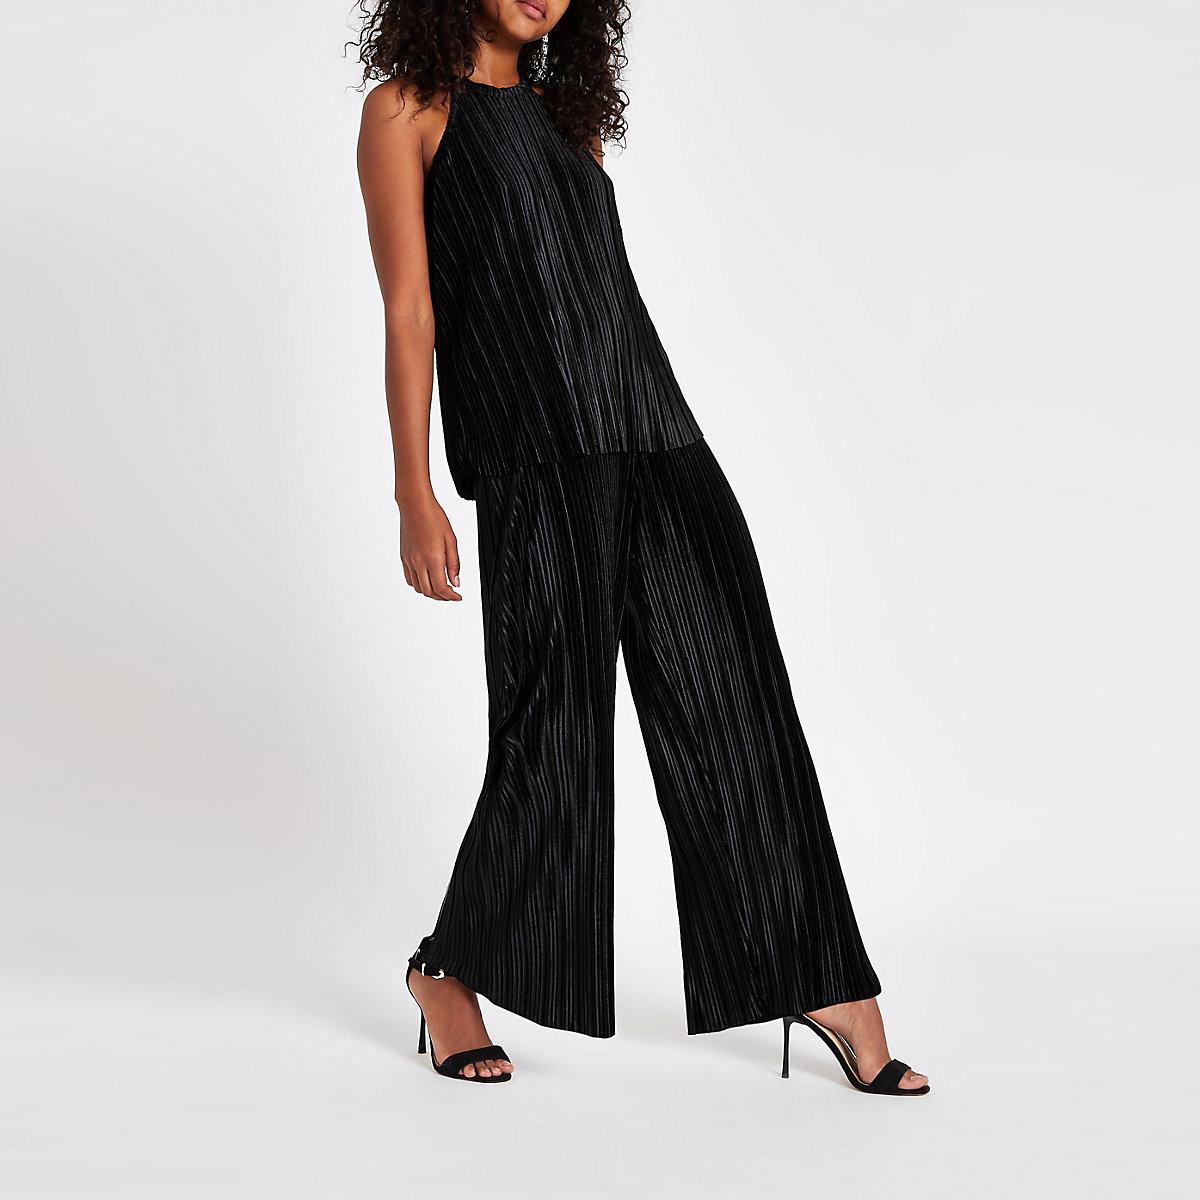 Black velvet plisse sleeveless top